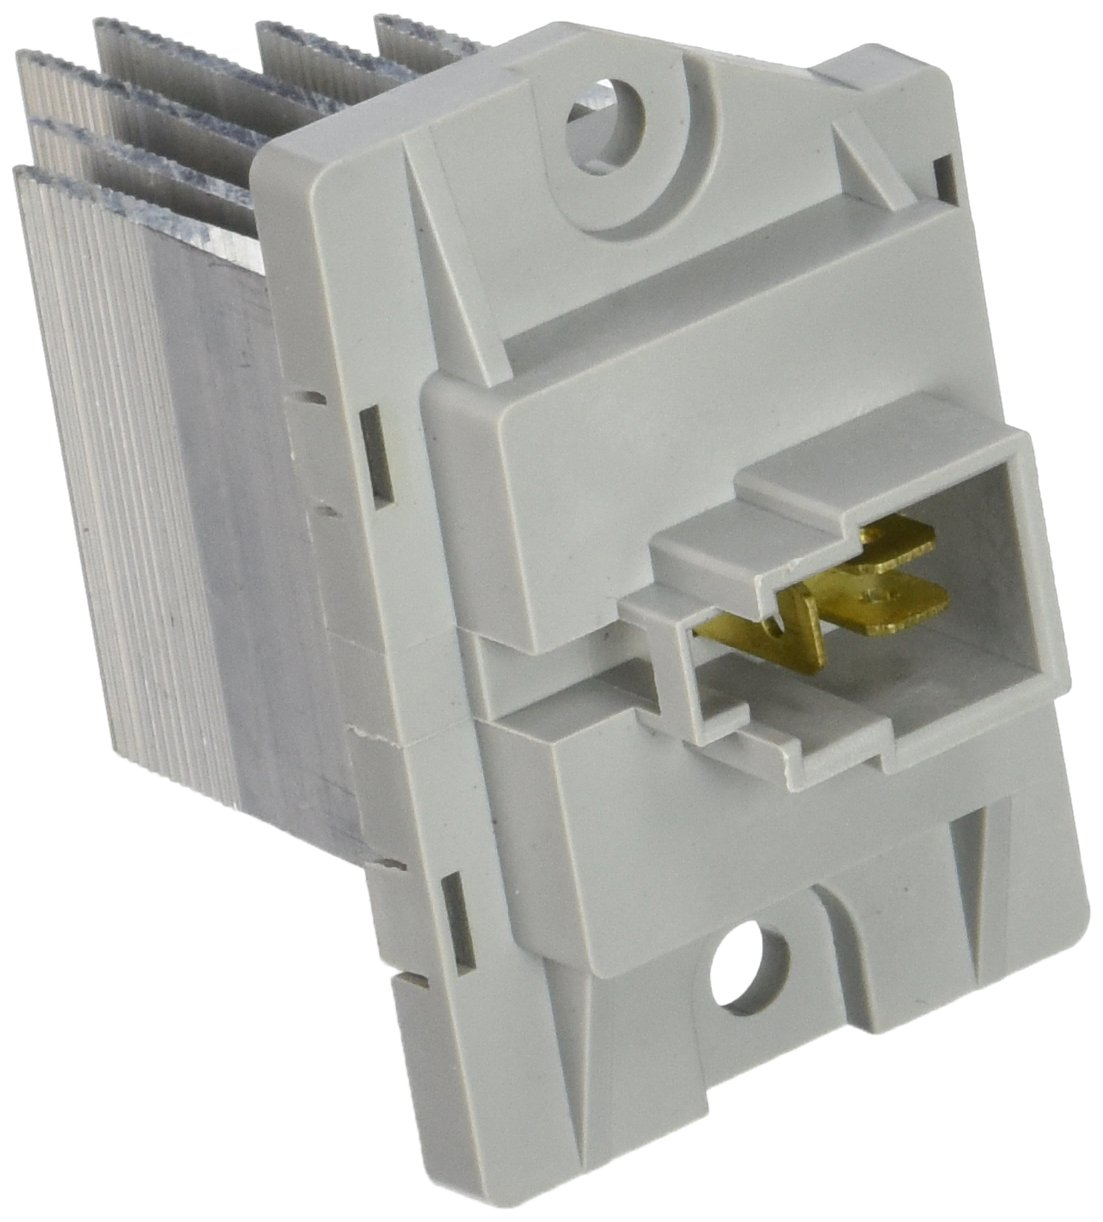 Standard Motor Products RU-514 Blower Motor Resistor